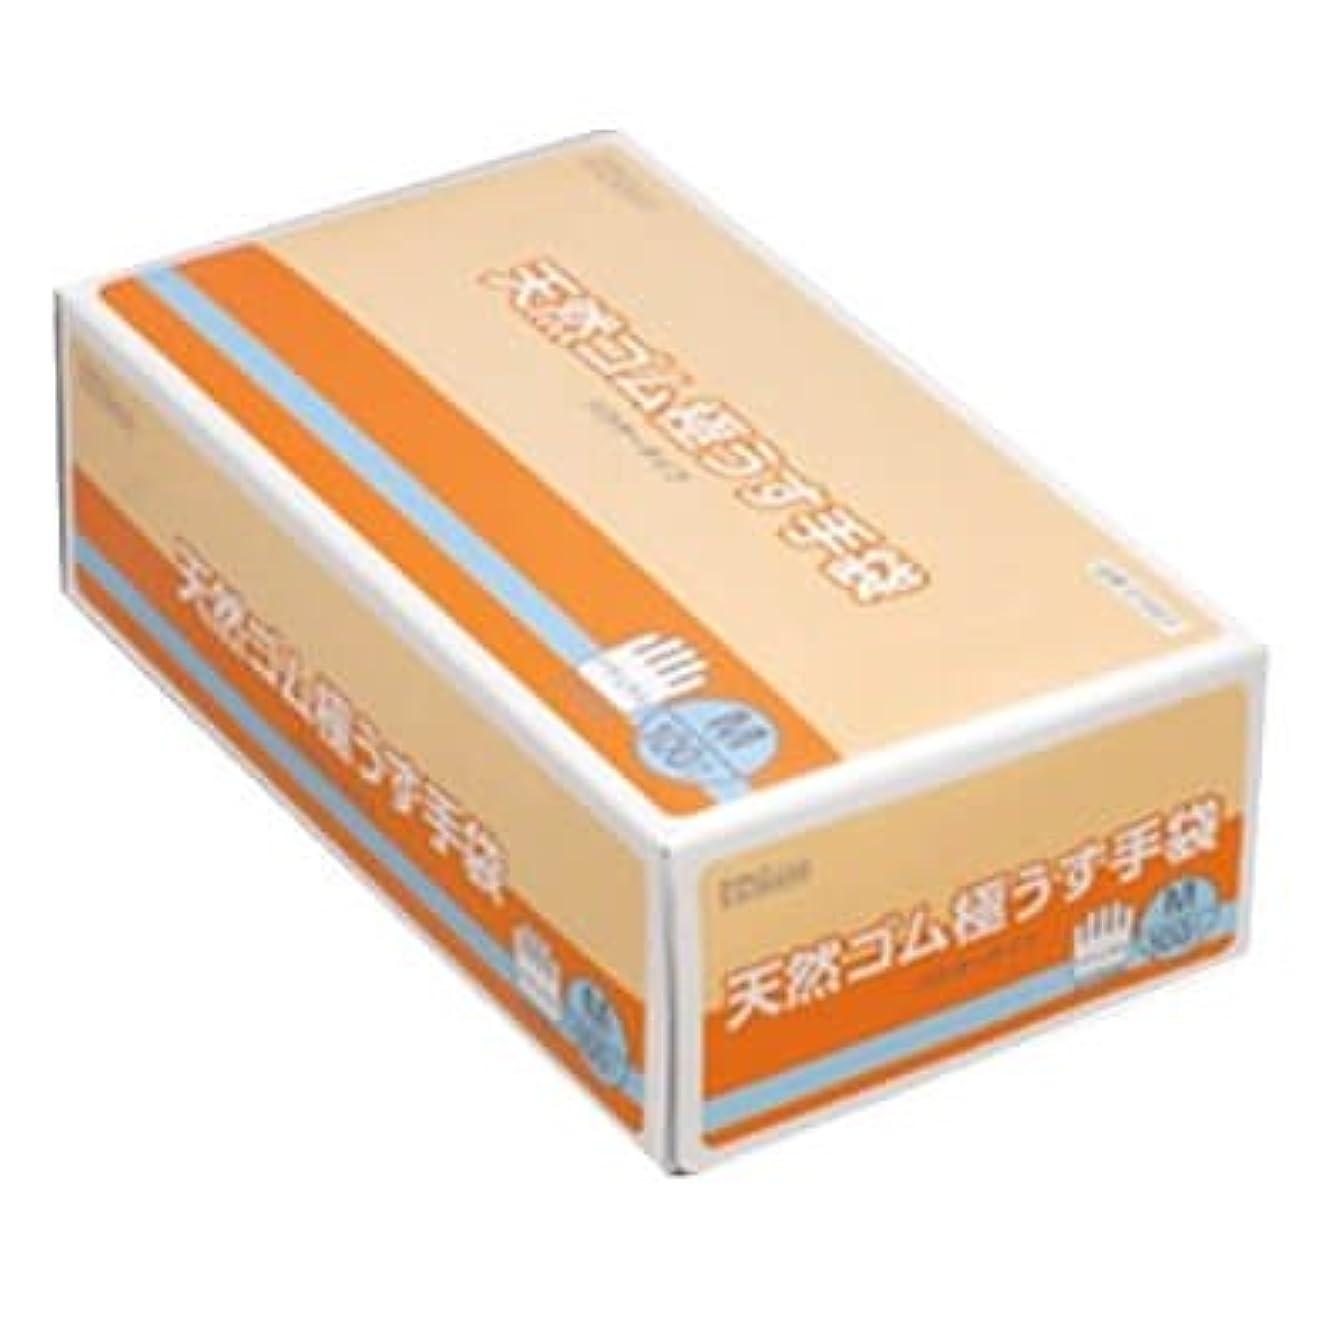 ブリリアント廃止分類【ケース販売】 ダンロップ 天然ゴム極うす手袋 M ナチュラル (100枚入×20箱)